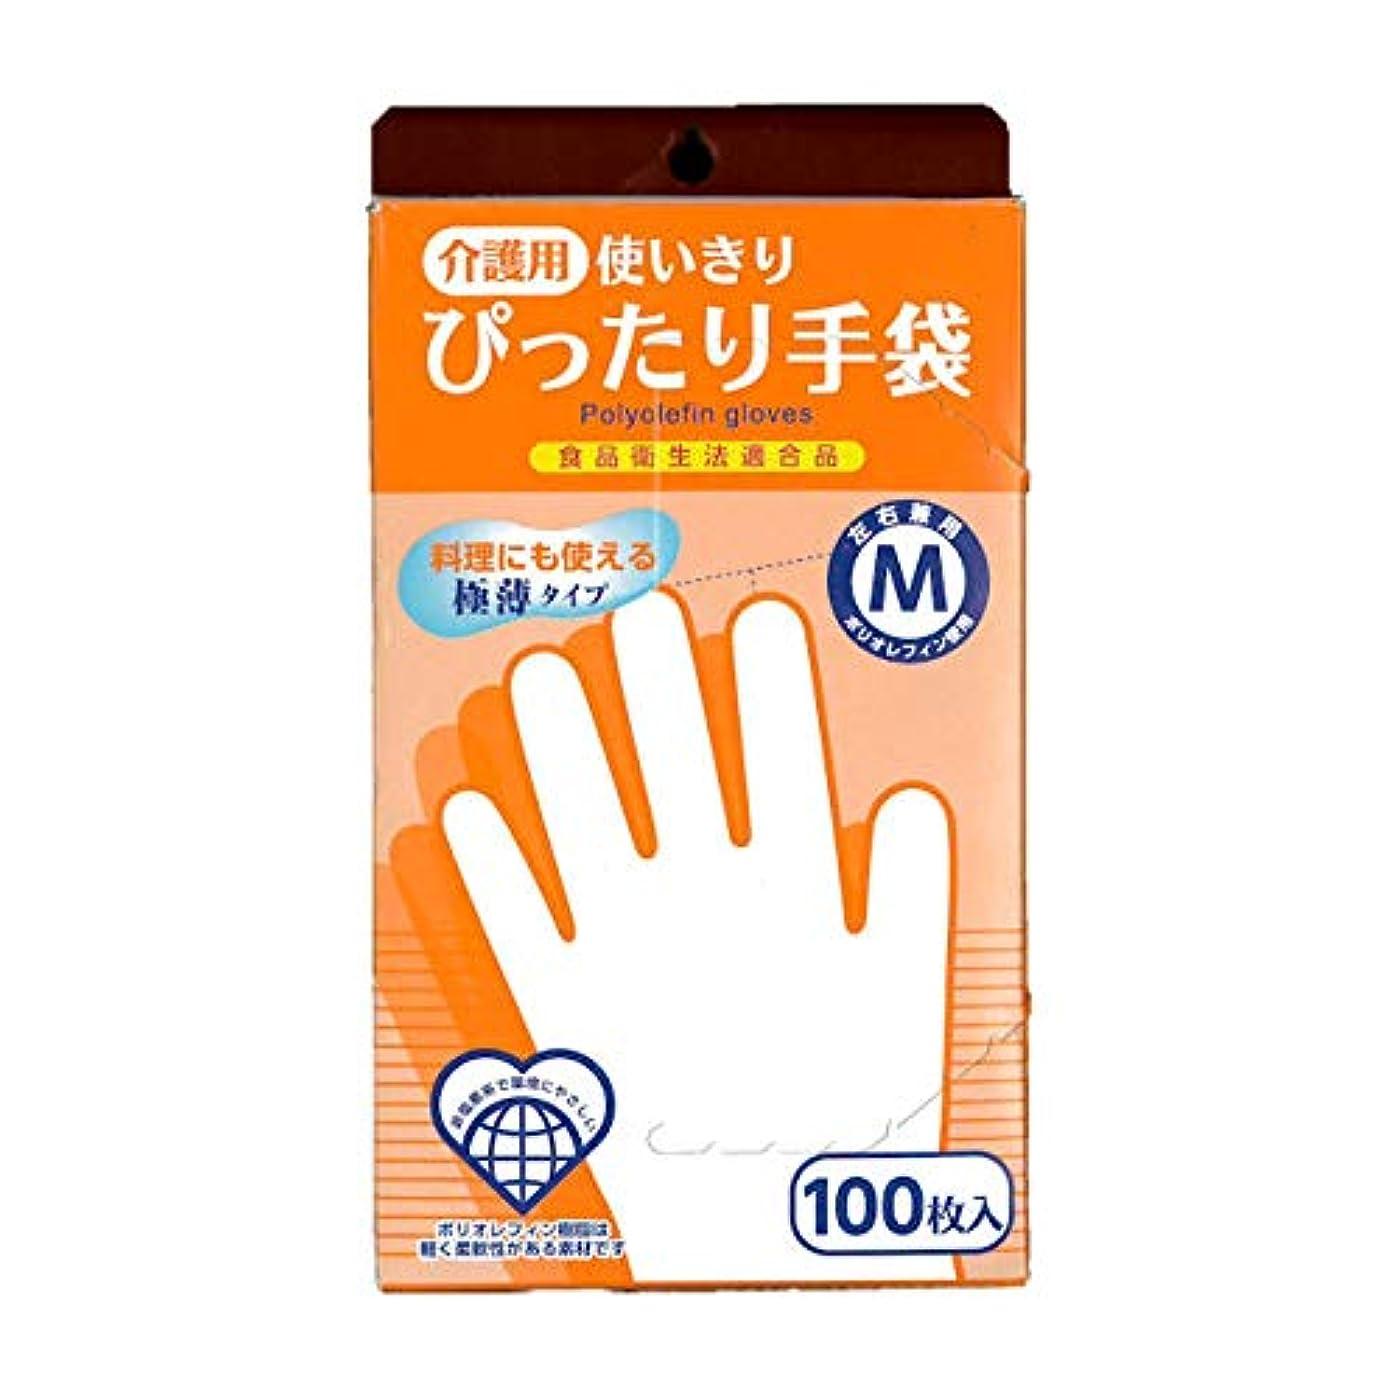 予測召集するキャッシュ奥田薬品 介護用 使いきりぴったり手袋 Mサイズ 100枚